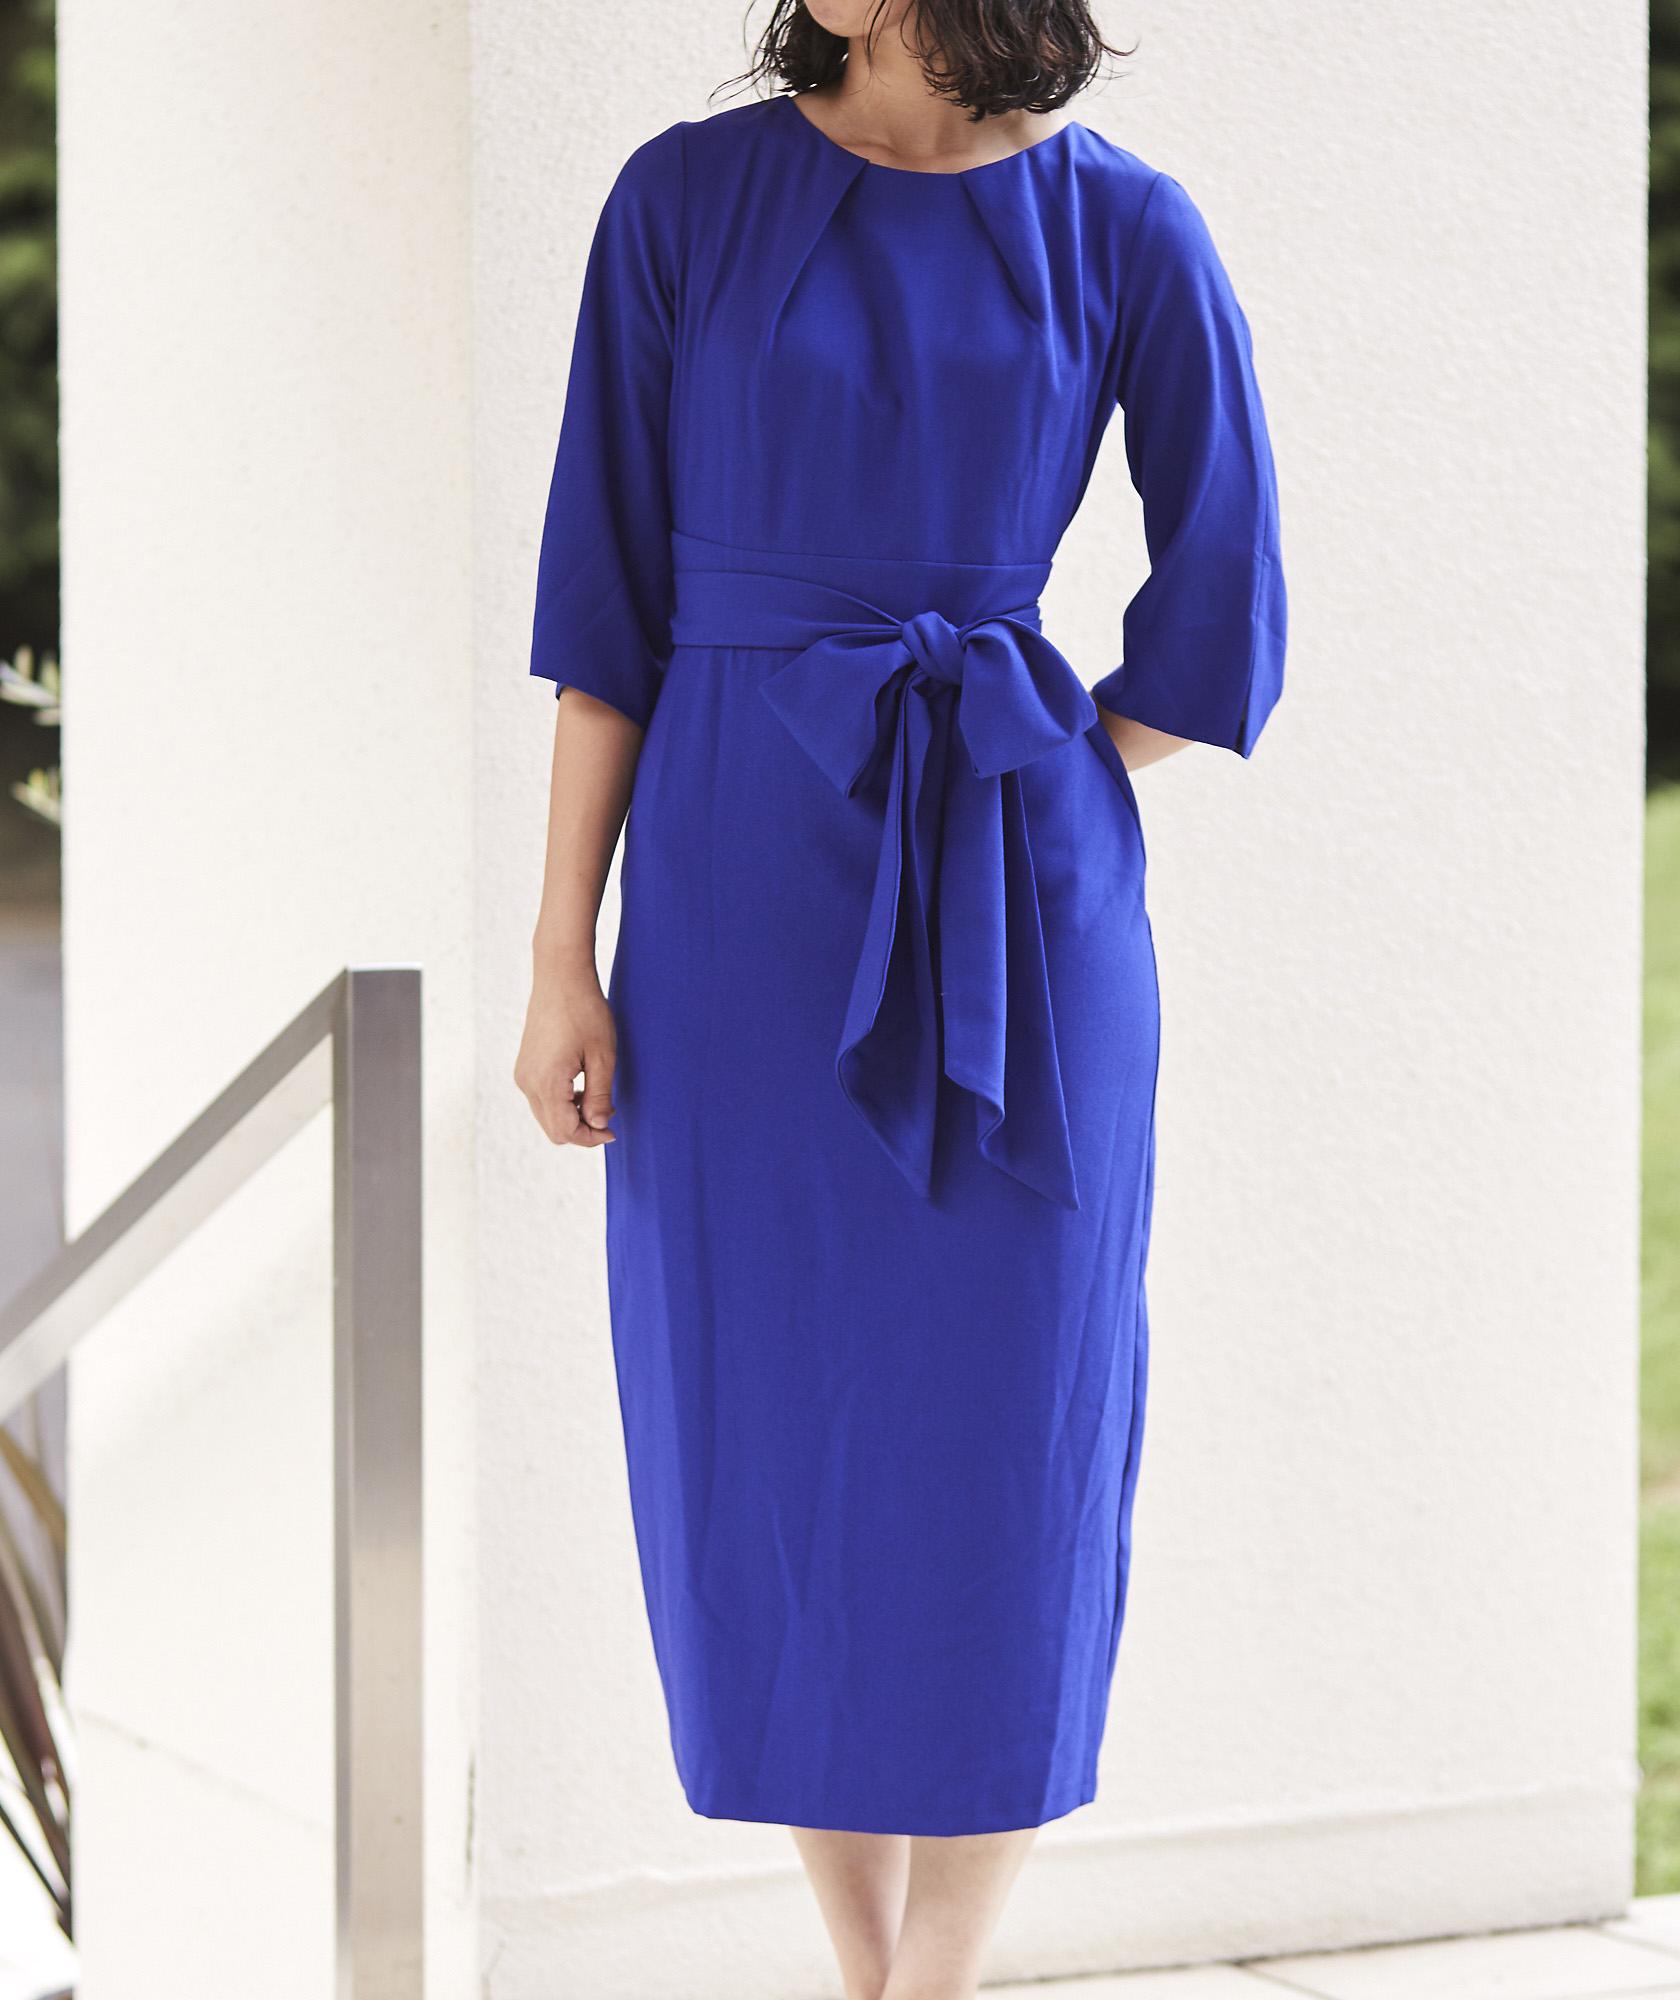 クルーネックウエストマークミディアムドレス-ブルーー-S-M